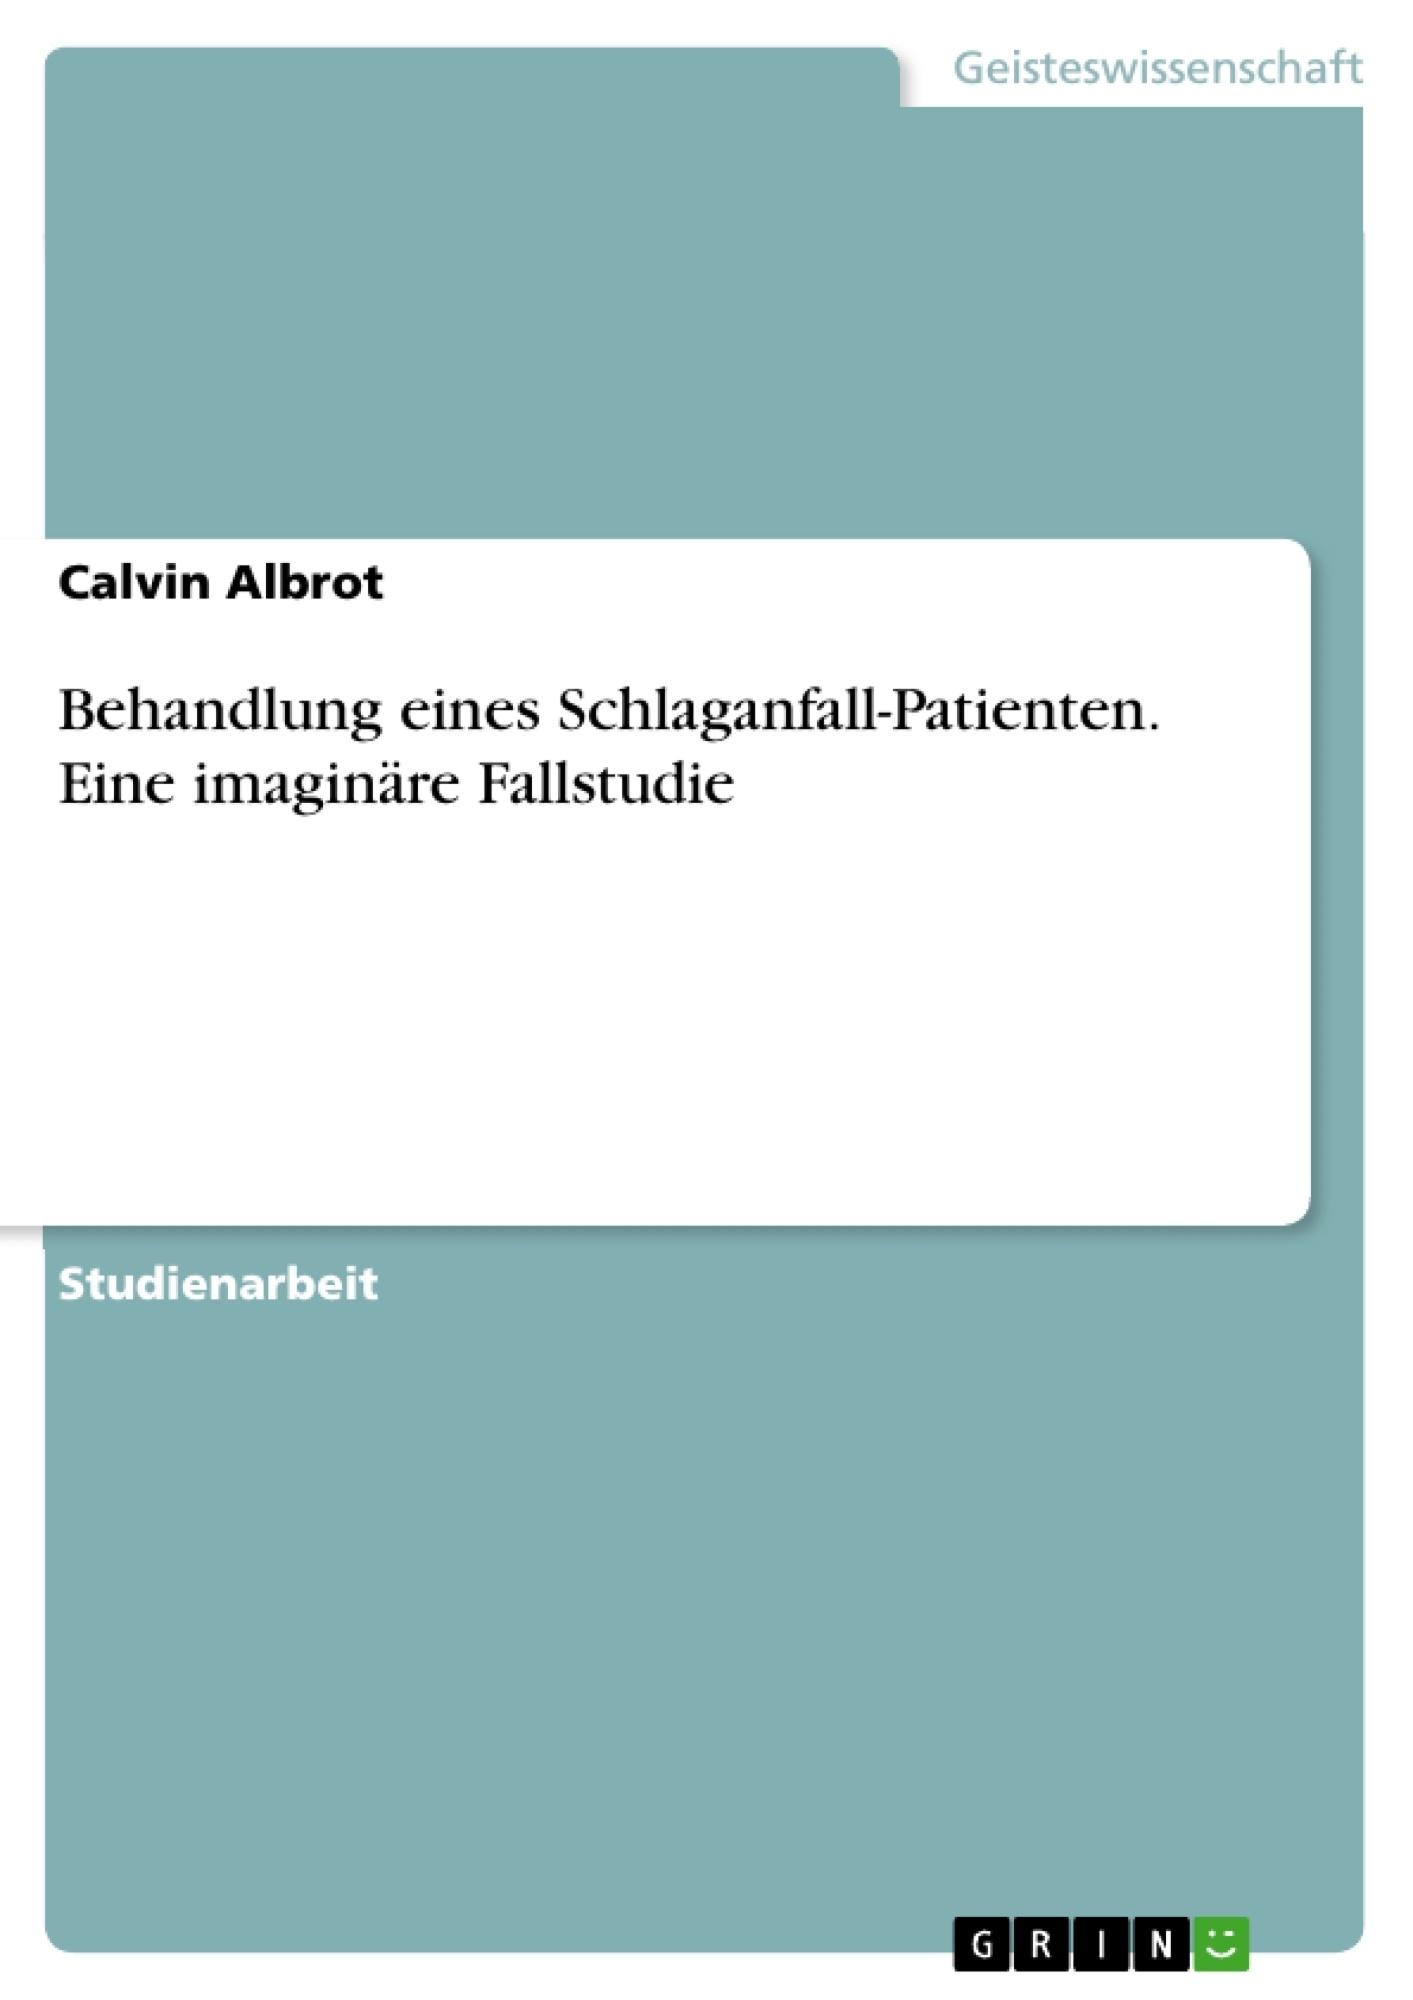 Titel: Behandlung eines Schlaganfall-Patienten. Eine imaginäre Fallstudie